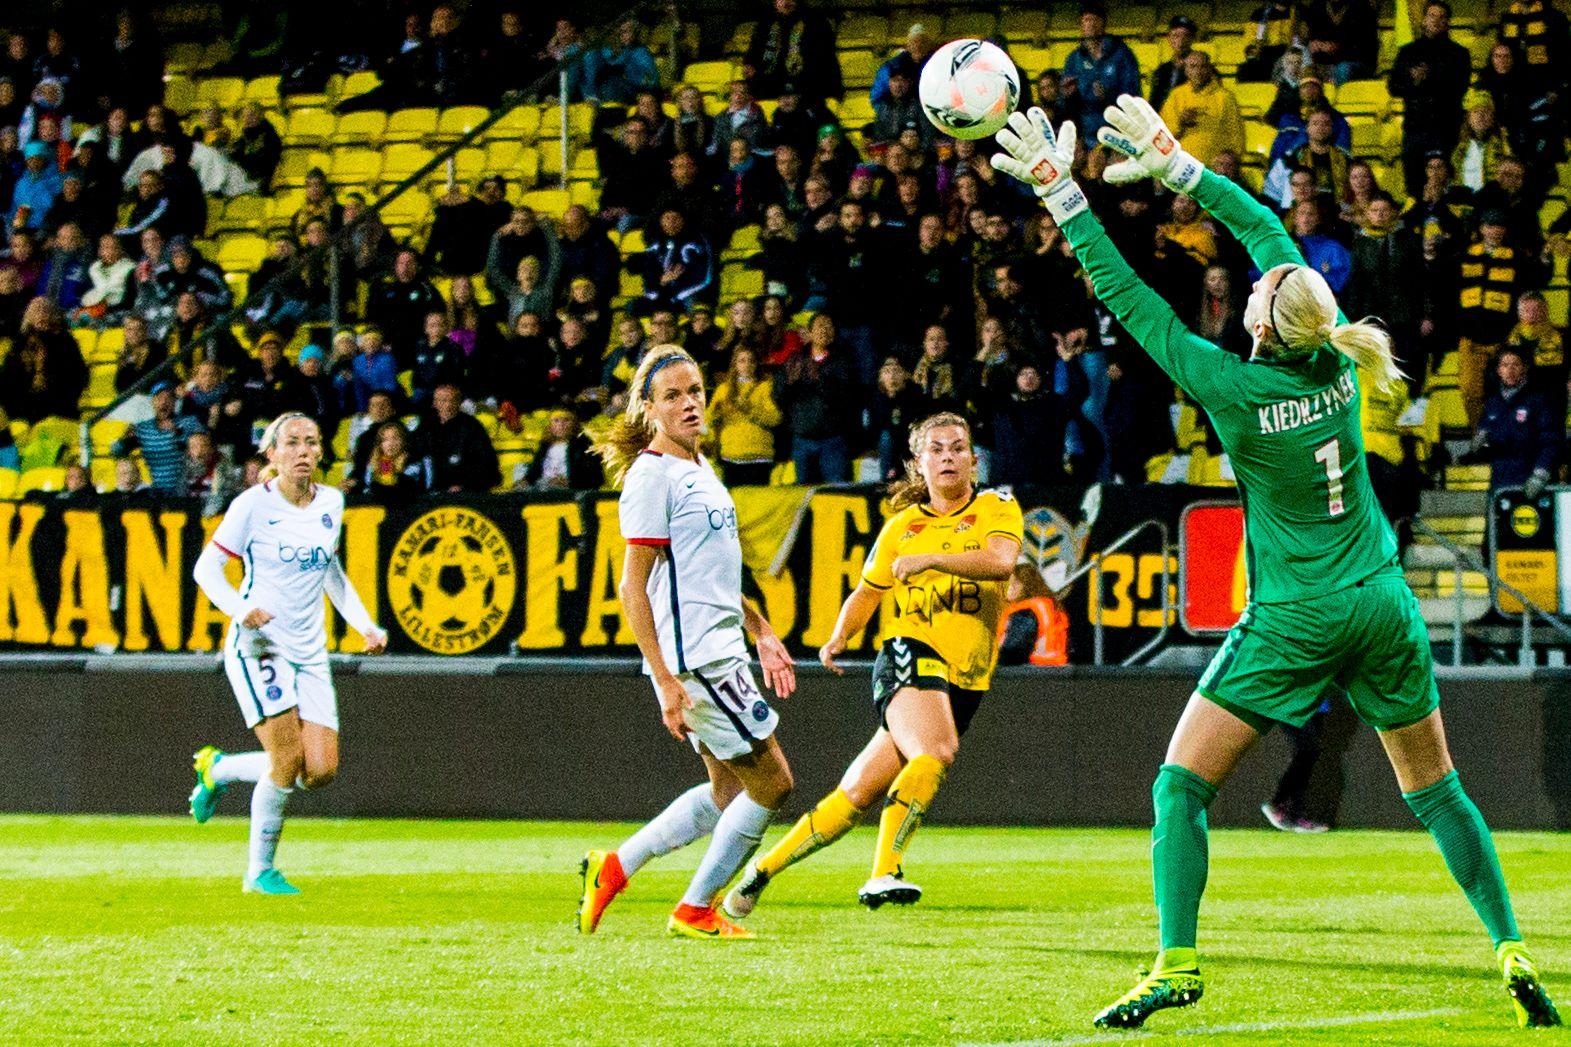 I MÅL: Emilie Bosshard Haavi scorer LSKs første mål bak PSG-keeper Katarzyna Kiedrzynek under den første 16-delsfinalekampen i mesterligaen i fotball for kvinner mellom LSK Kvinner og Paris Saint-Germain på Åråsen.